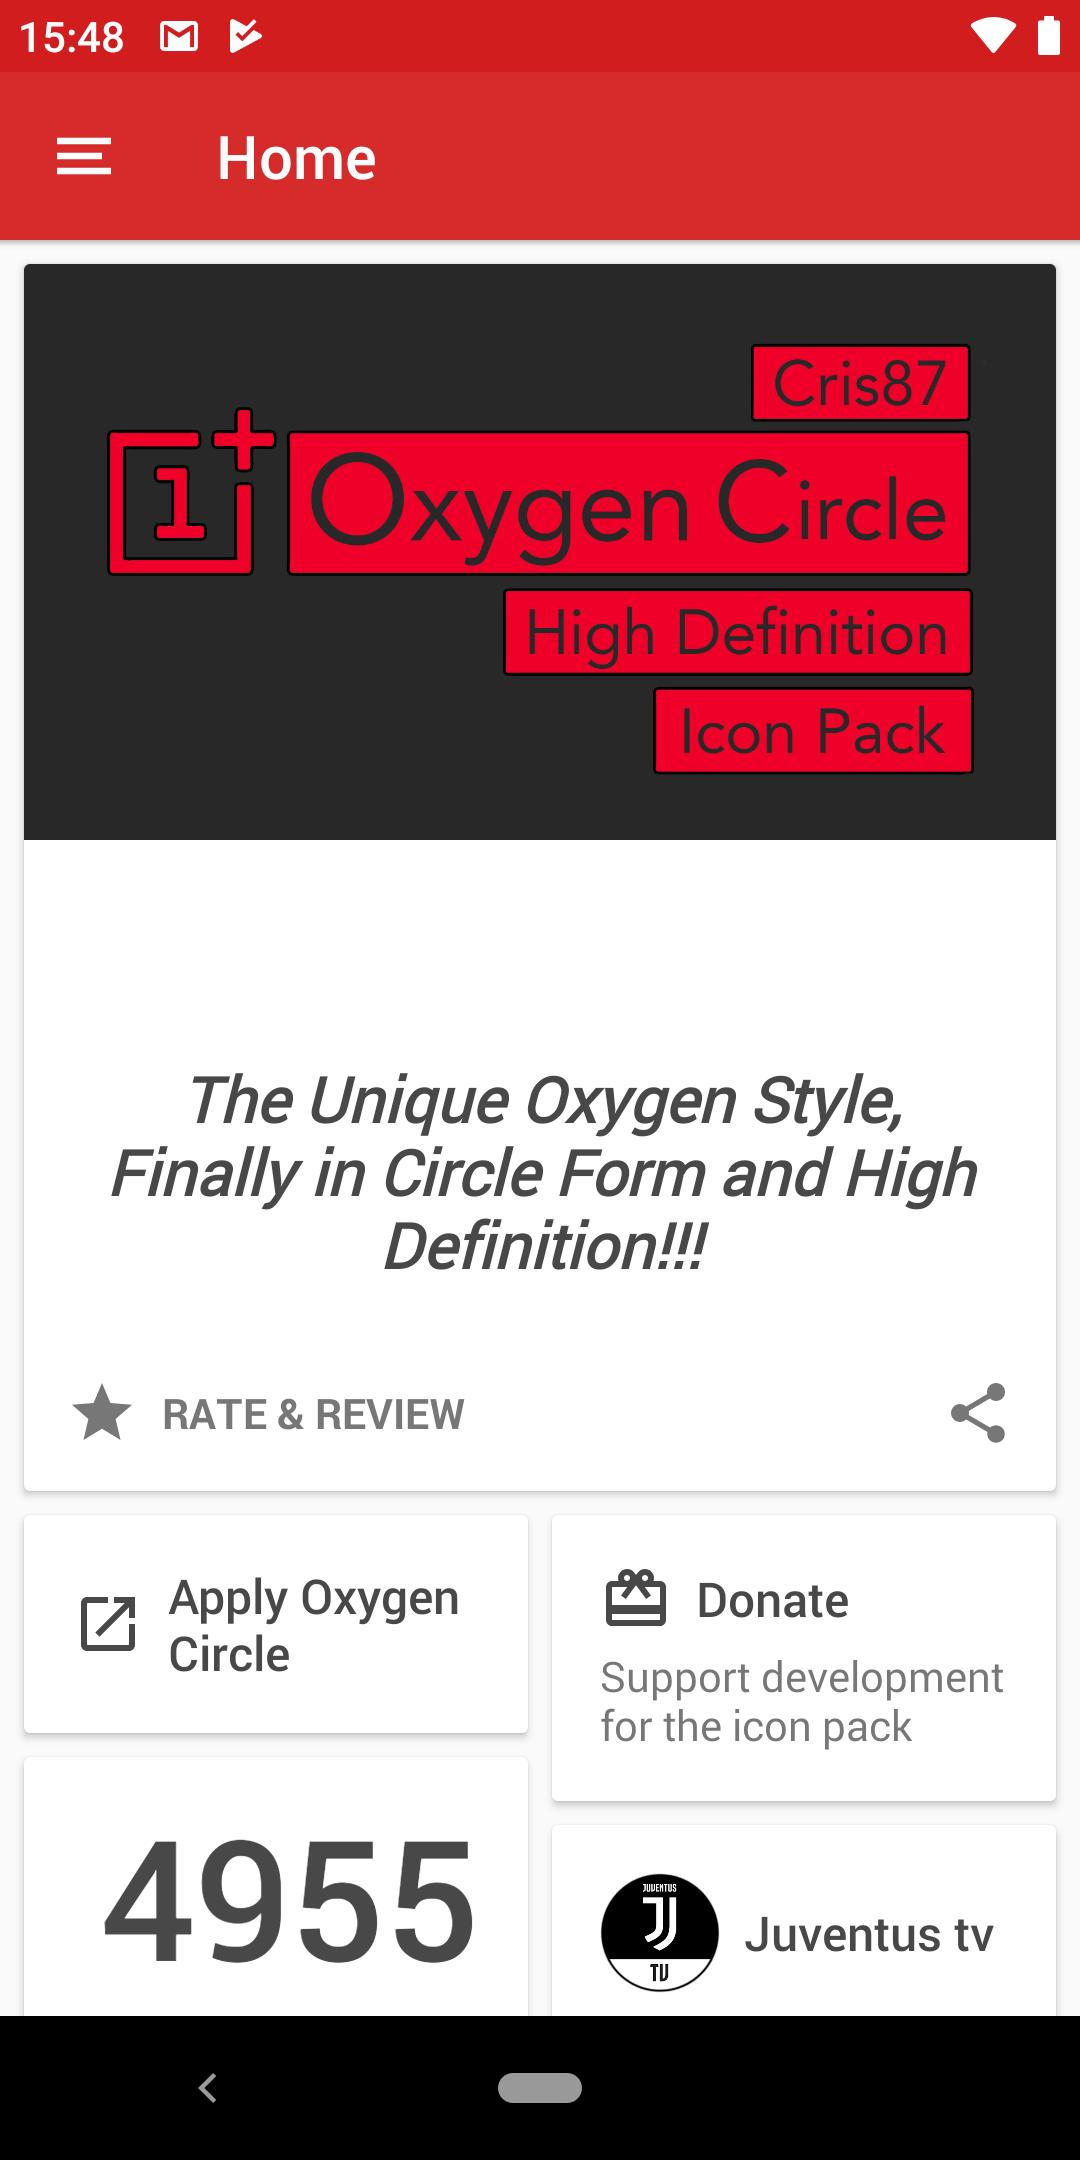 Oxygen-Circle